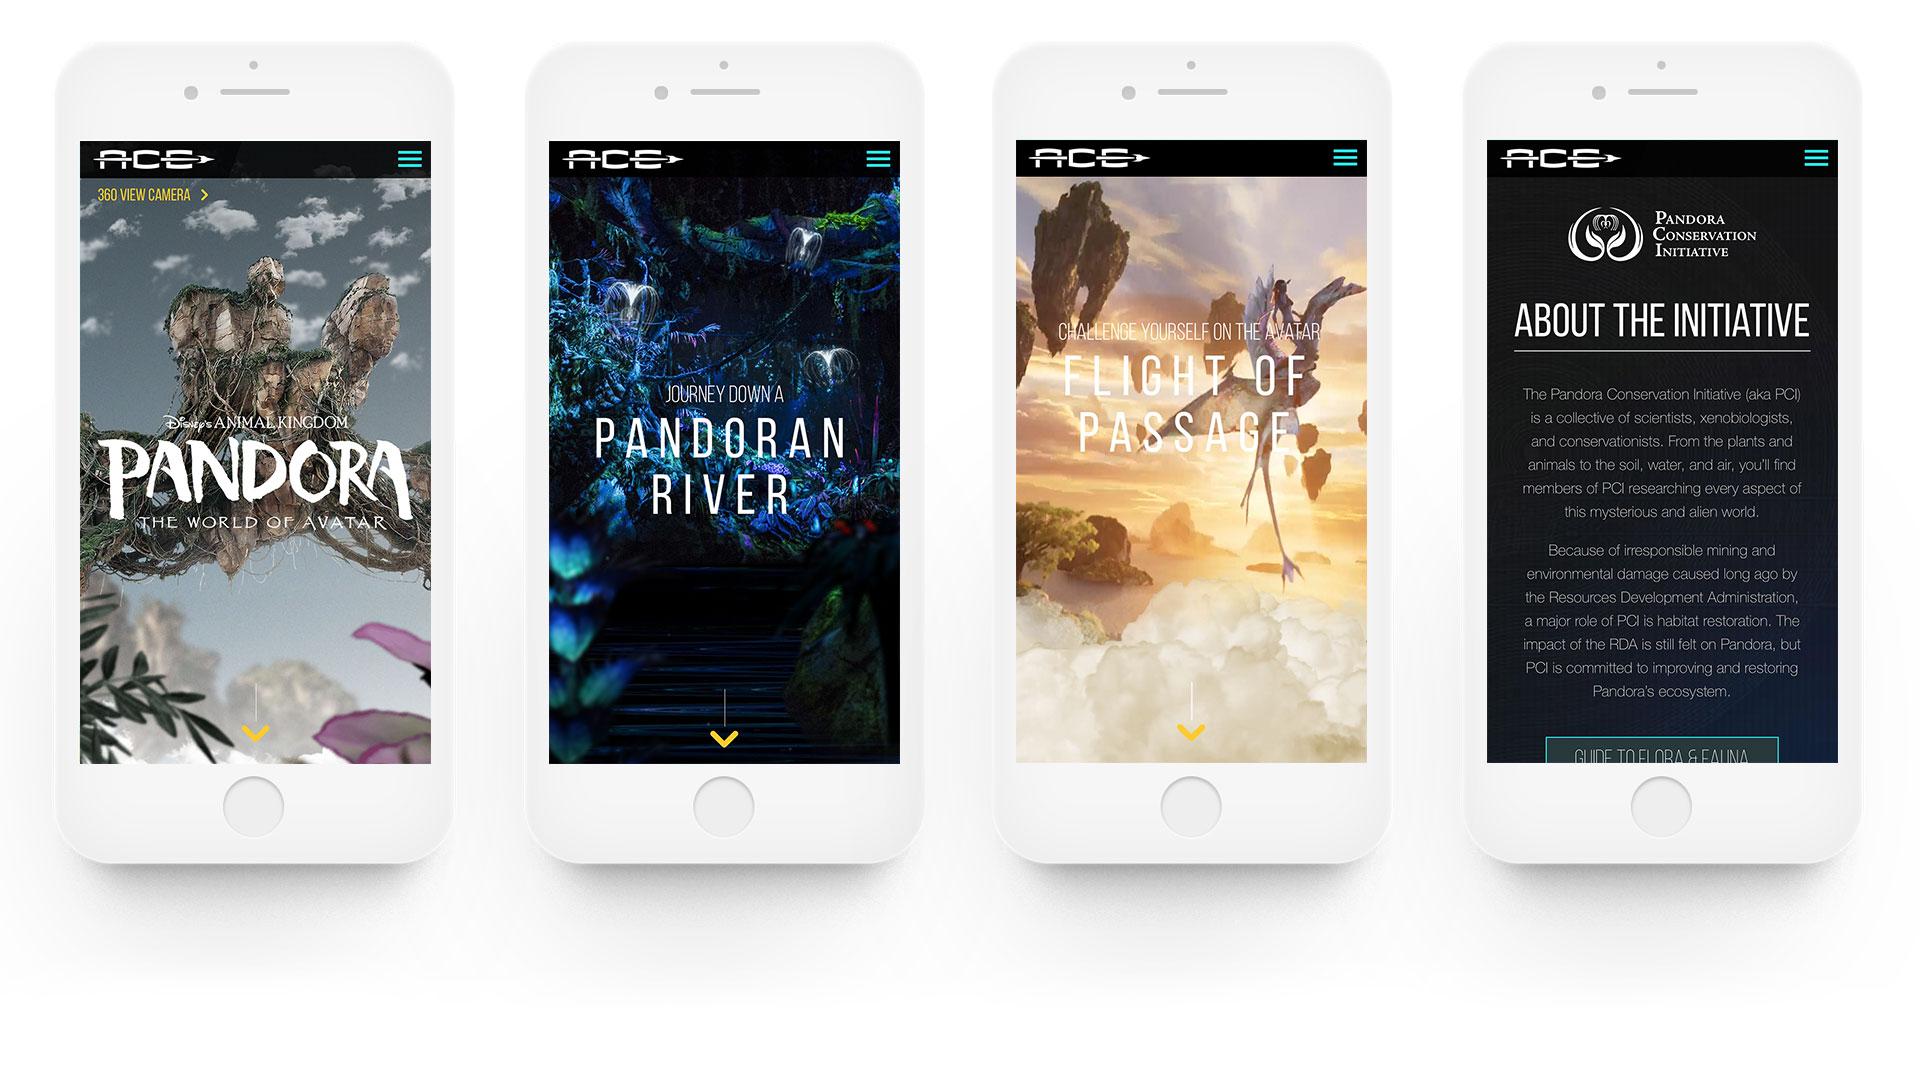 visitpandora_mobilescreens